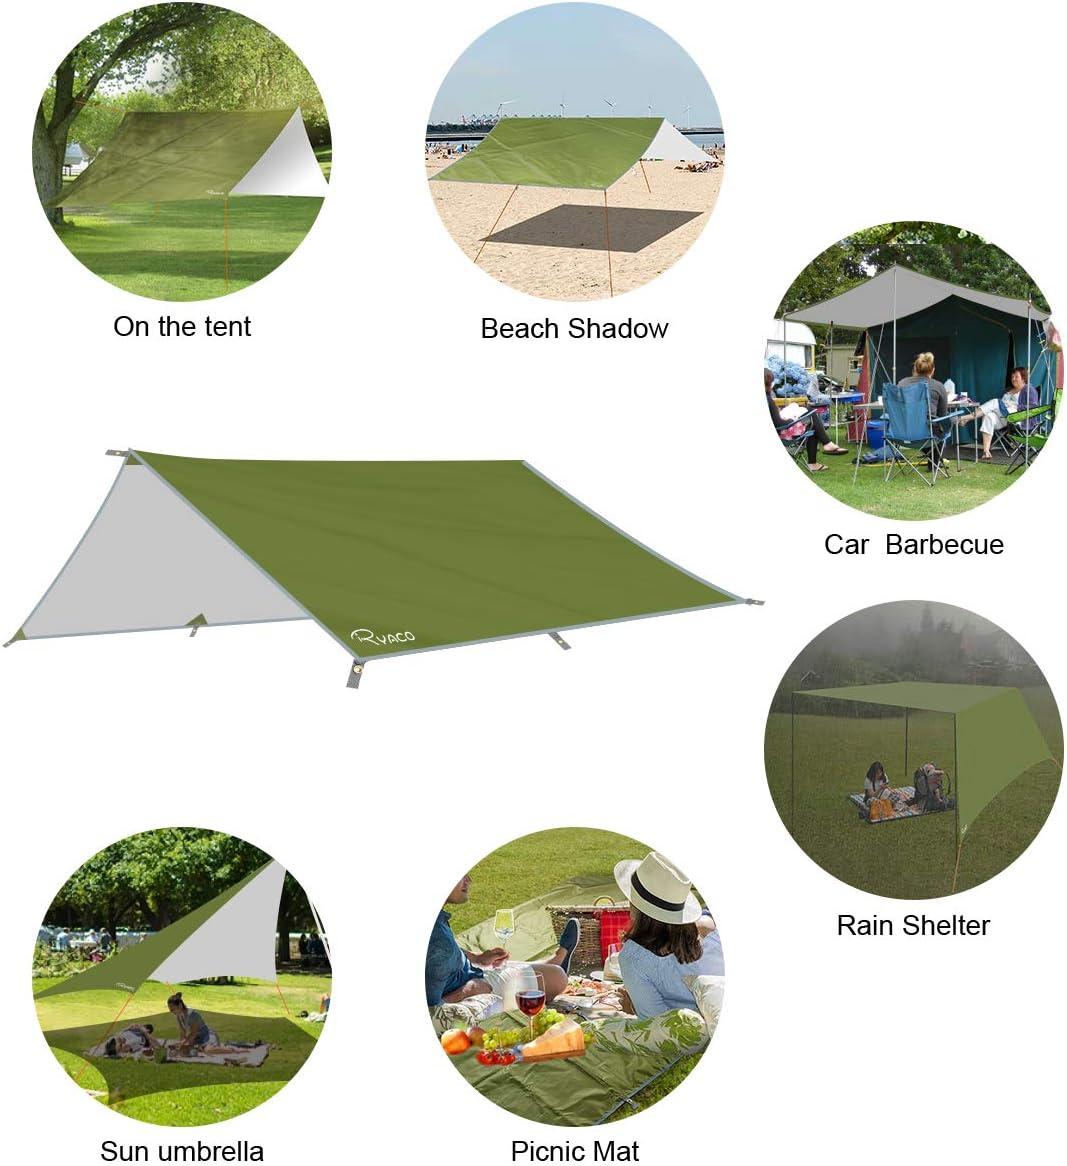 240 x 220 cm senderismo hamaca con cord/ón de transporte para picnic Lawei Lona impermeable para tienda de campa/ña playa refugio para camping multifuncional